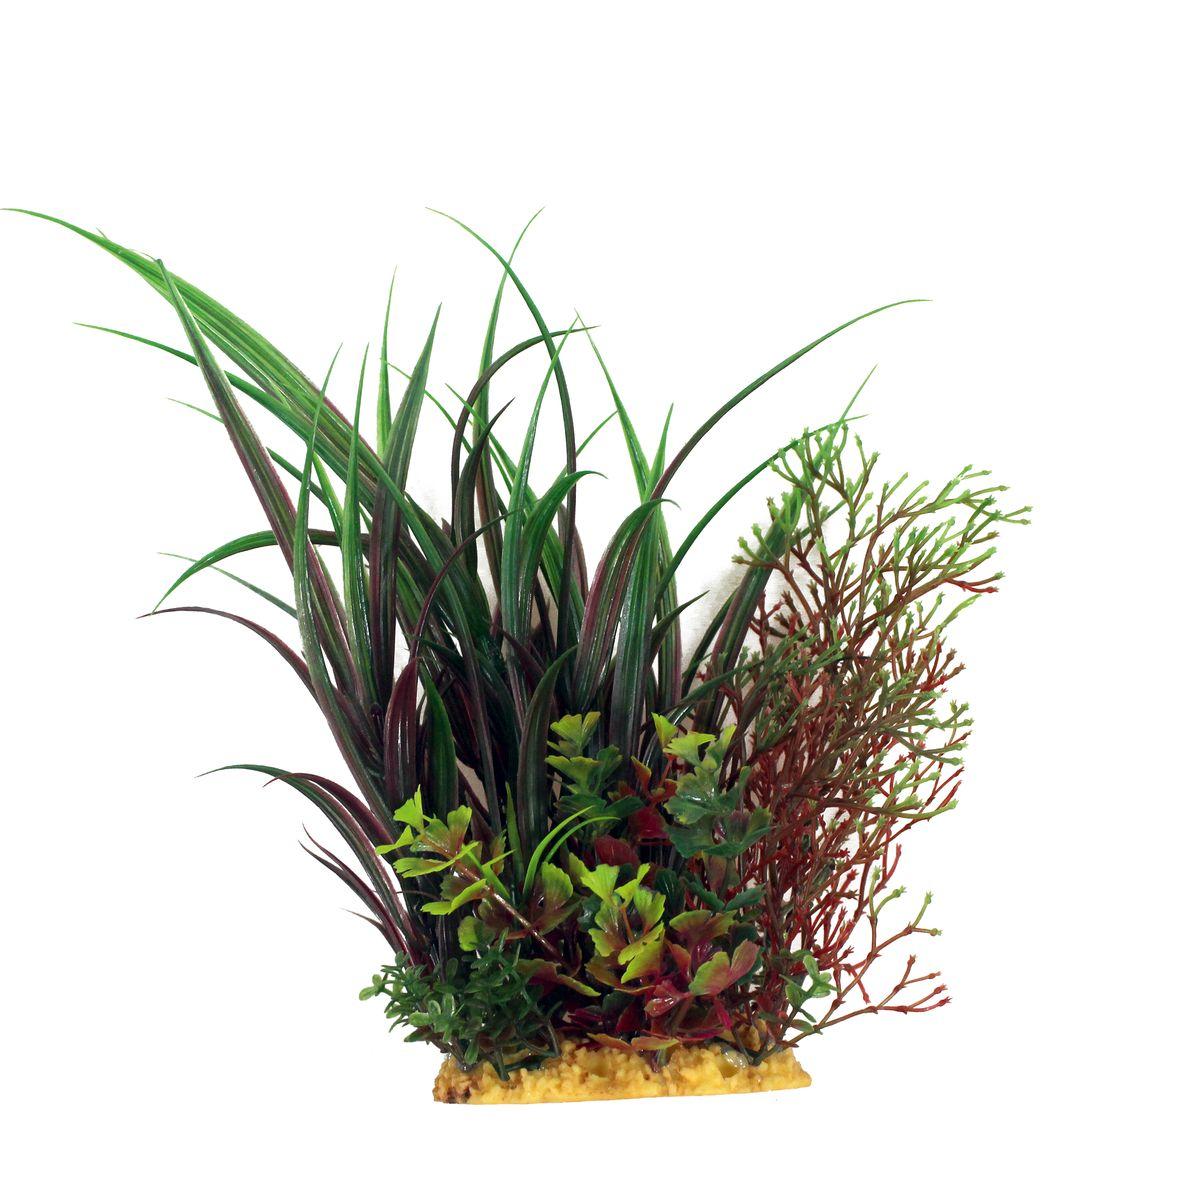 Растение для аквариума ArtUniq Офиопогон, высота 20 см0120710Композиция из искусственных растений ArtUniq превосходно украсит и оживит аквариум.Растения - это важная часть любой композиции, они помогут вдохнуть жизнь в ландшафт любого аквариума или террариума. А их сходствос природными порадует даже самых взыскательных ценителей.